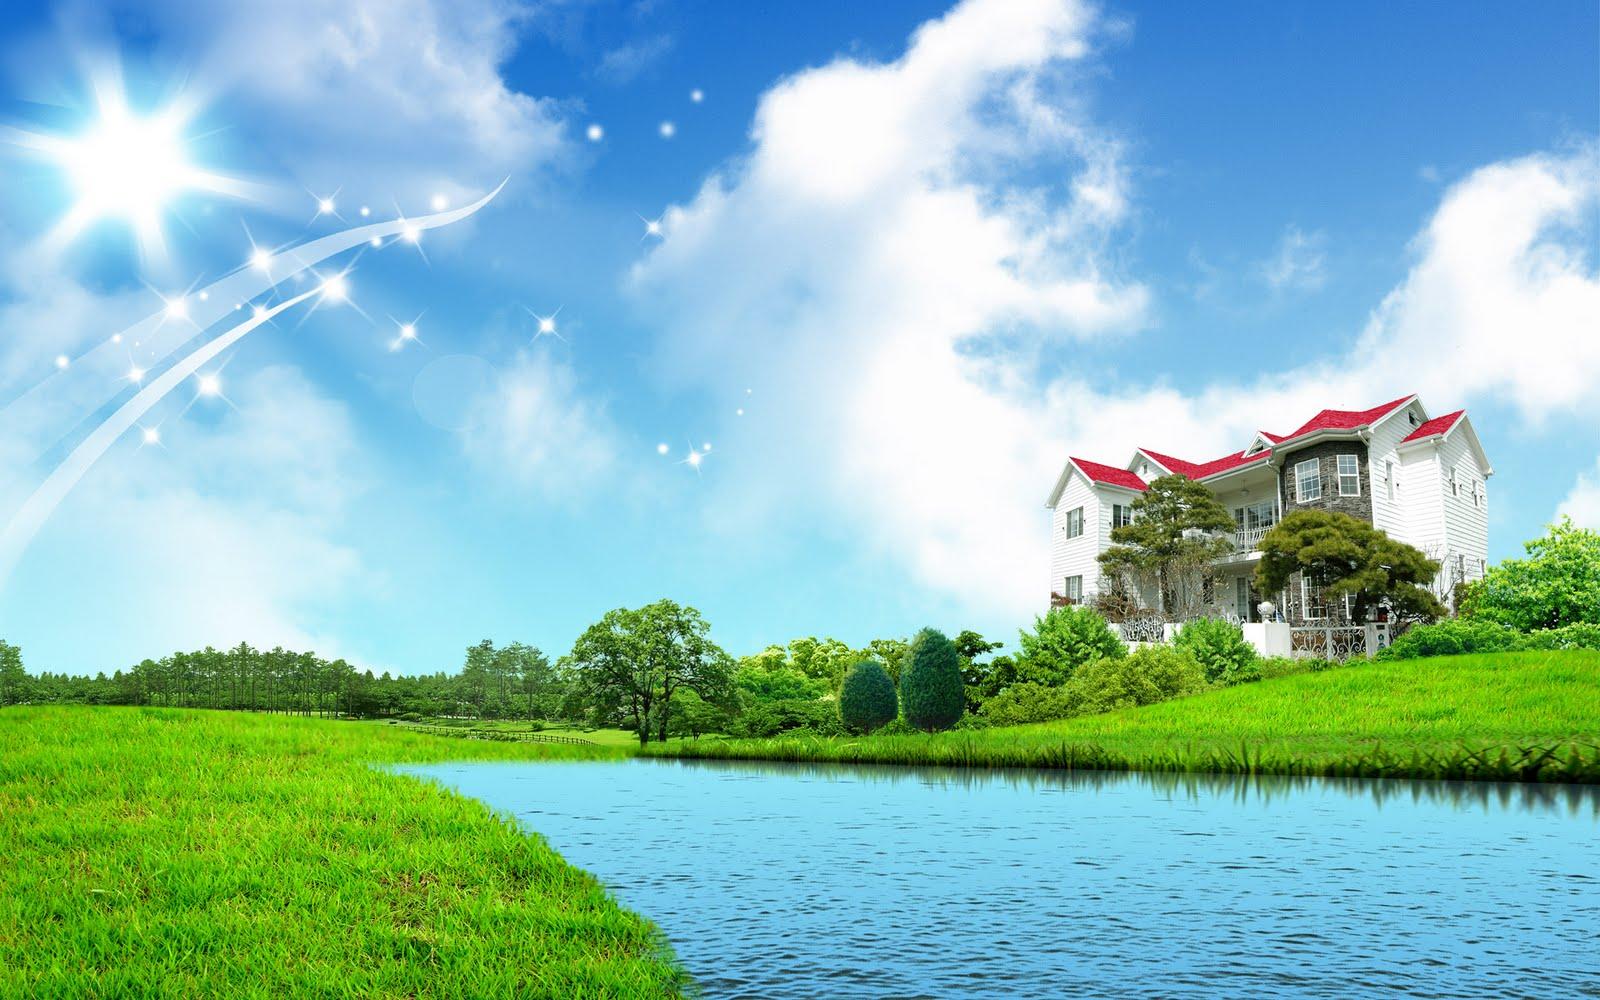 http://2.bp.blogspot.com/-gsUHHrdGGZA/TwVtQV5lqSI/AAAAAAAADPA/lLh-f2W9c7o/s1600/natural_wallpaper.jpg